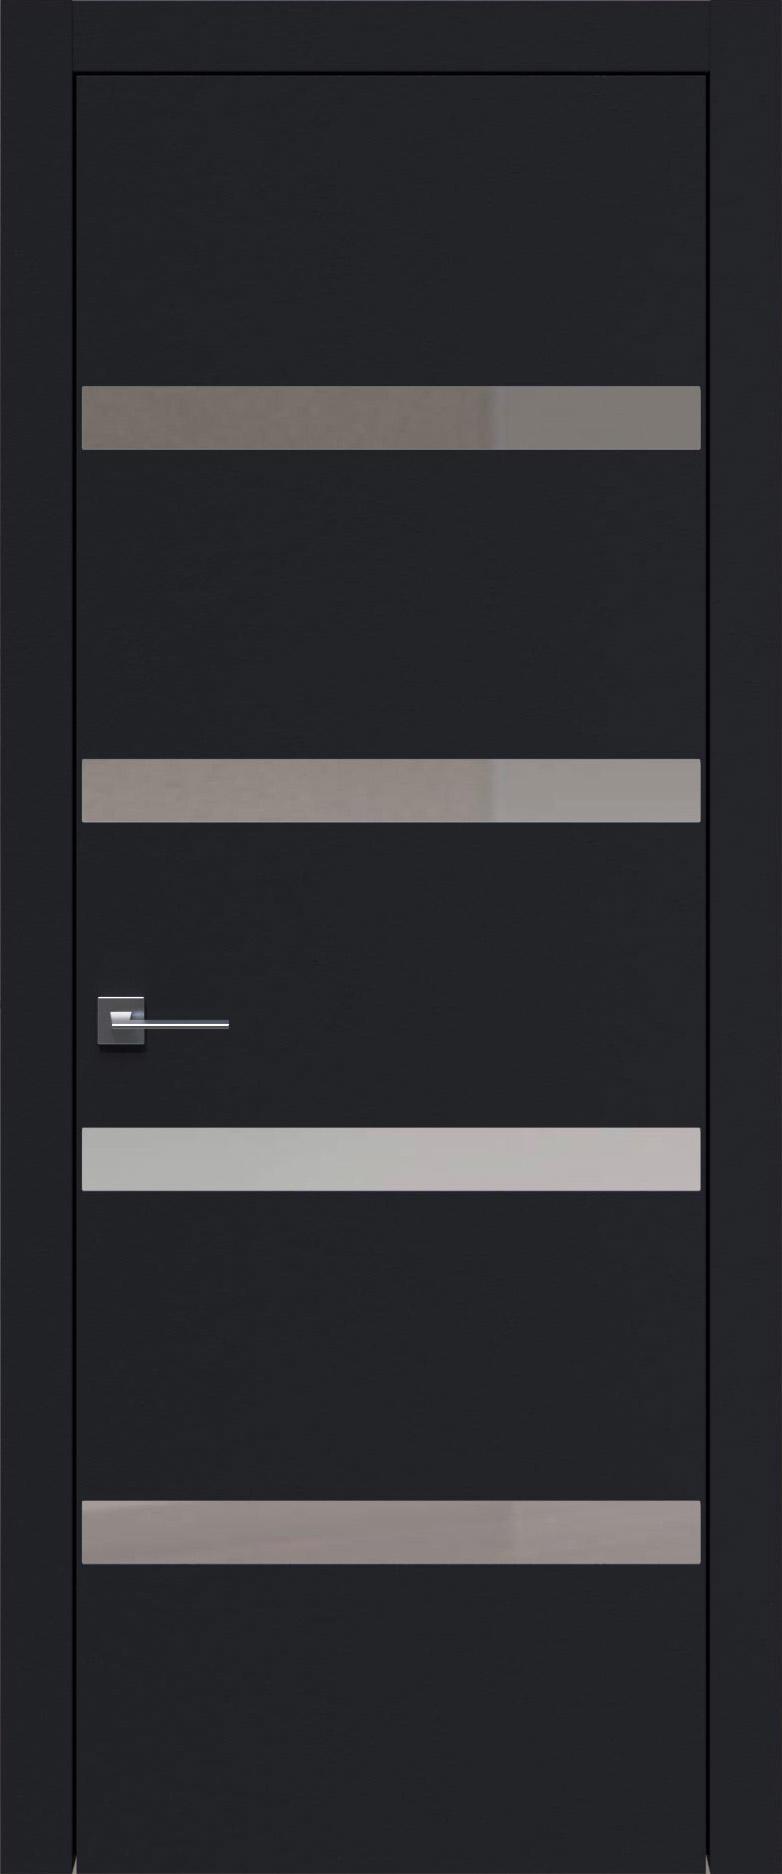 Tivoli Д-4 цвет - Черная эмаль (RAL 9004) Без стекла (ДГ)